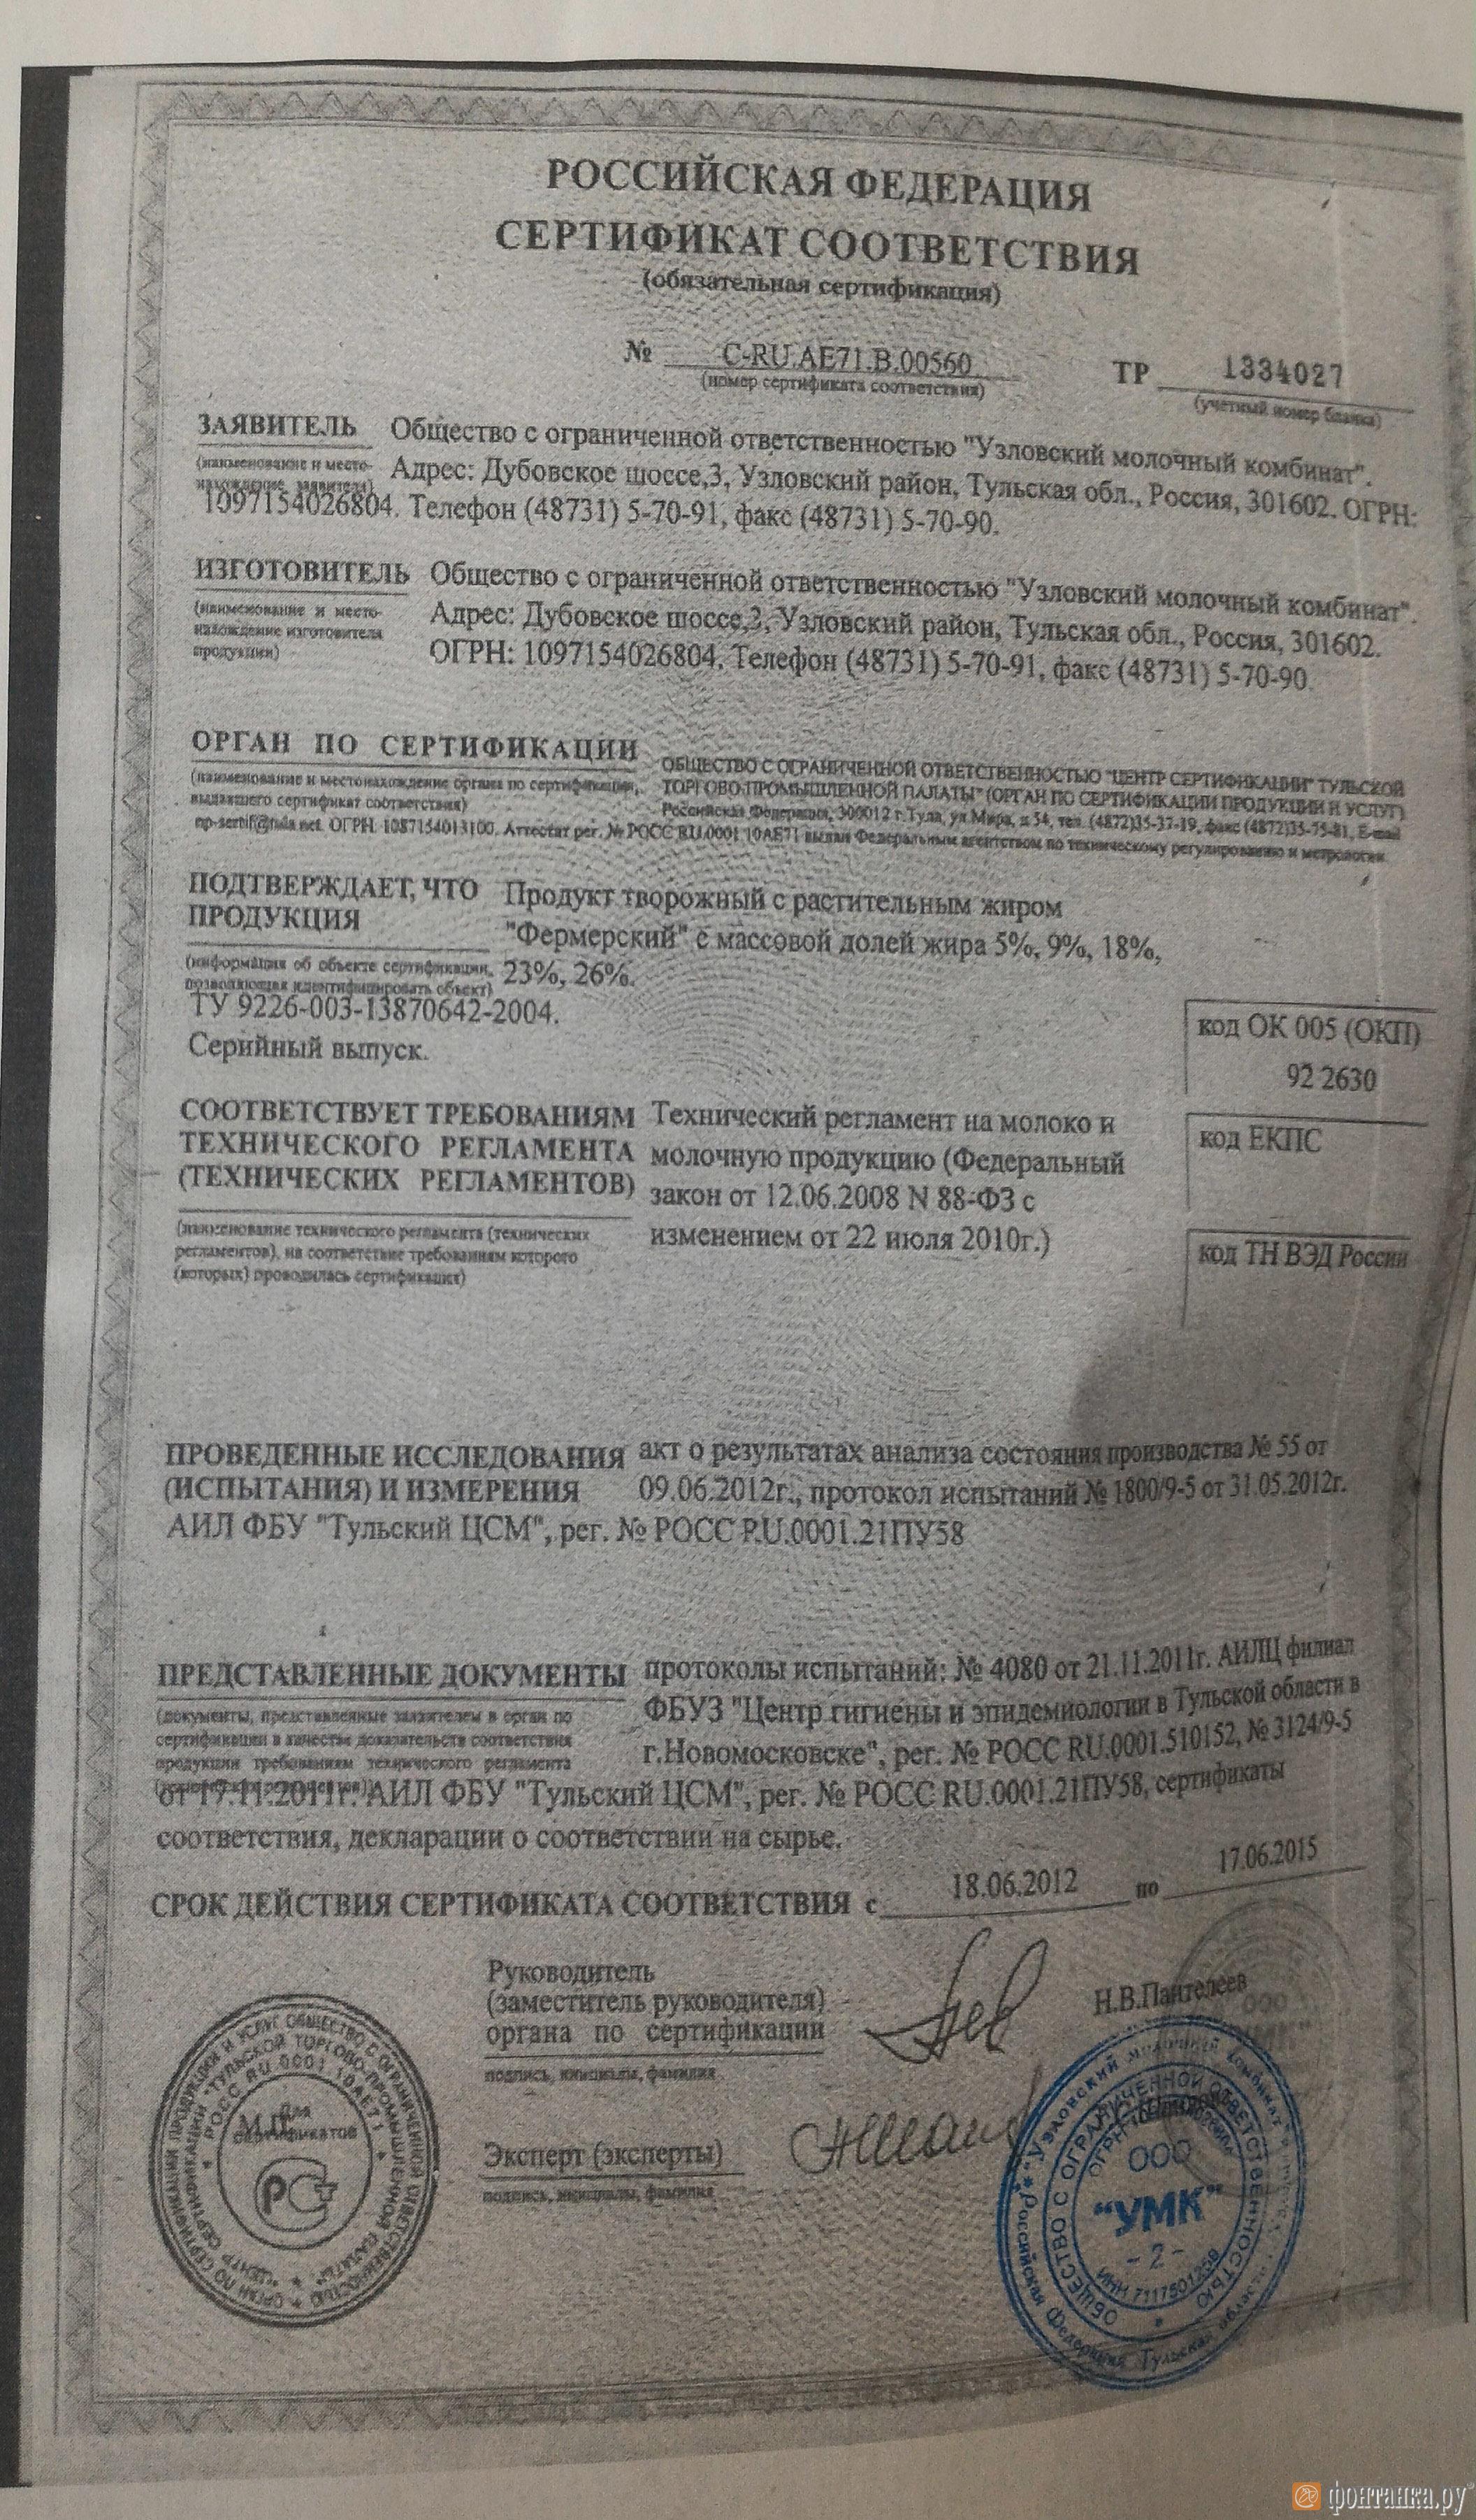 """Сертификат на творожный продукт, представленный продавцом в павильоне у станции метро """"Международная"""""""